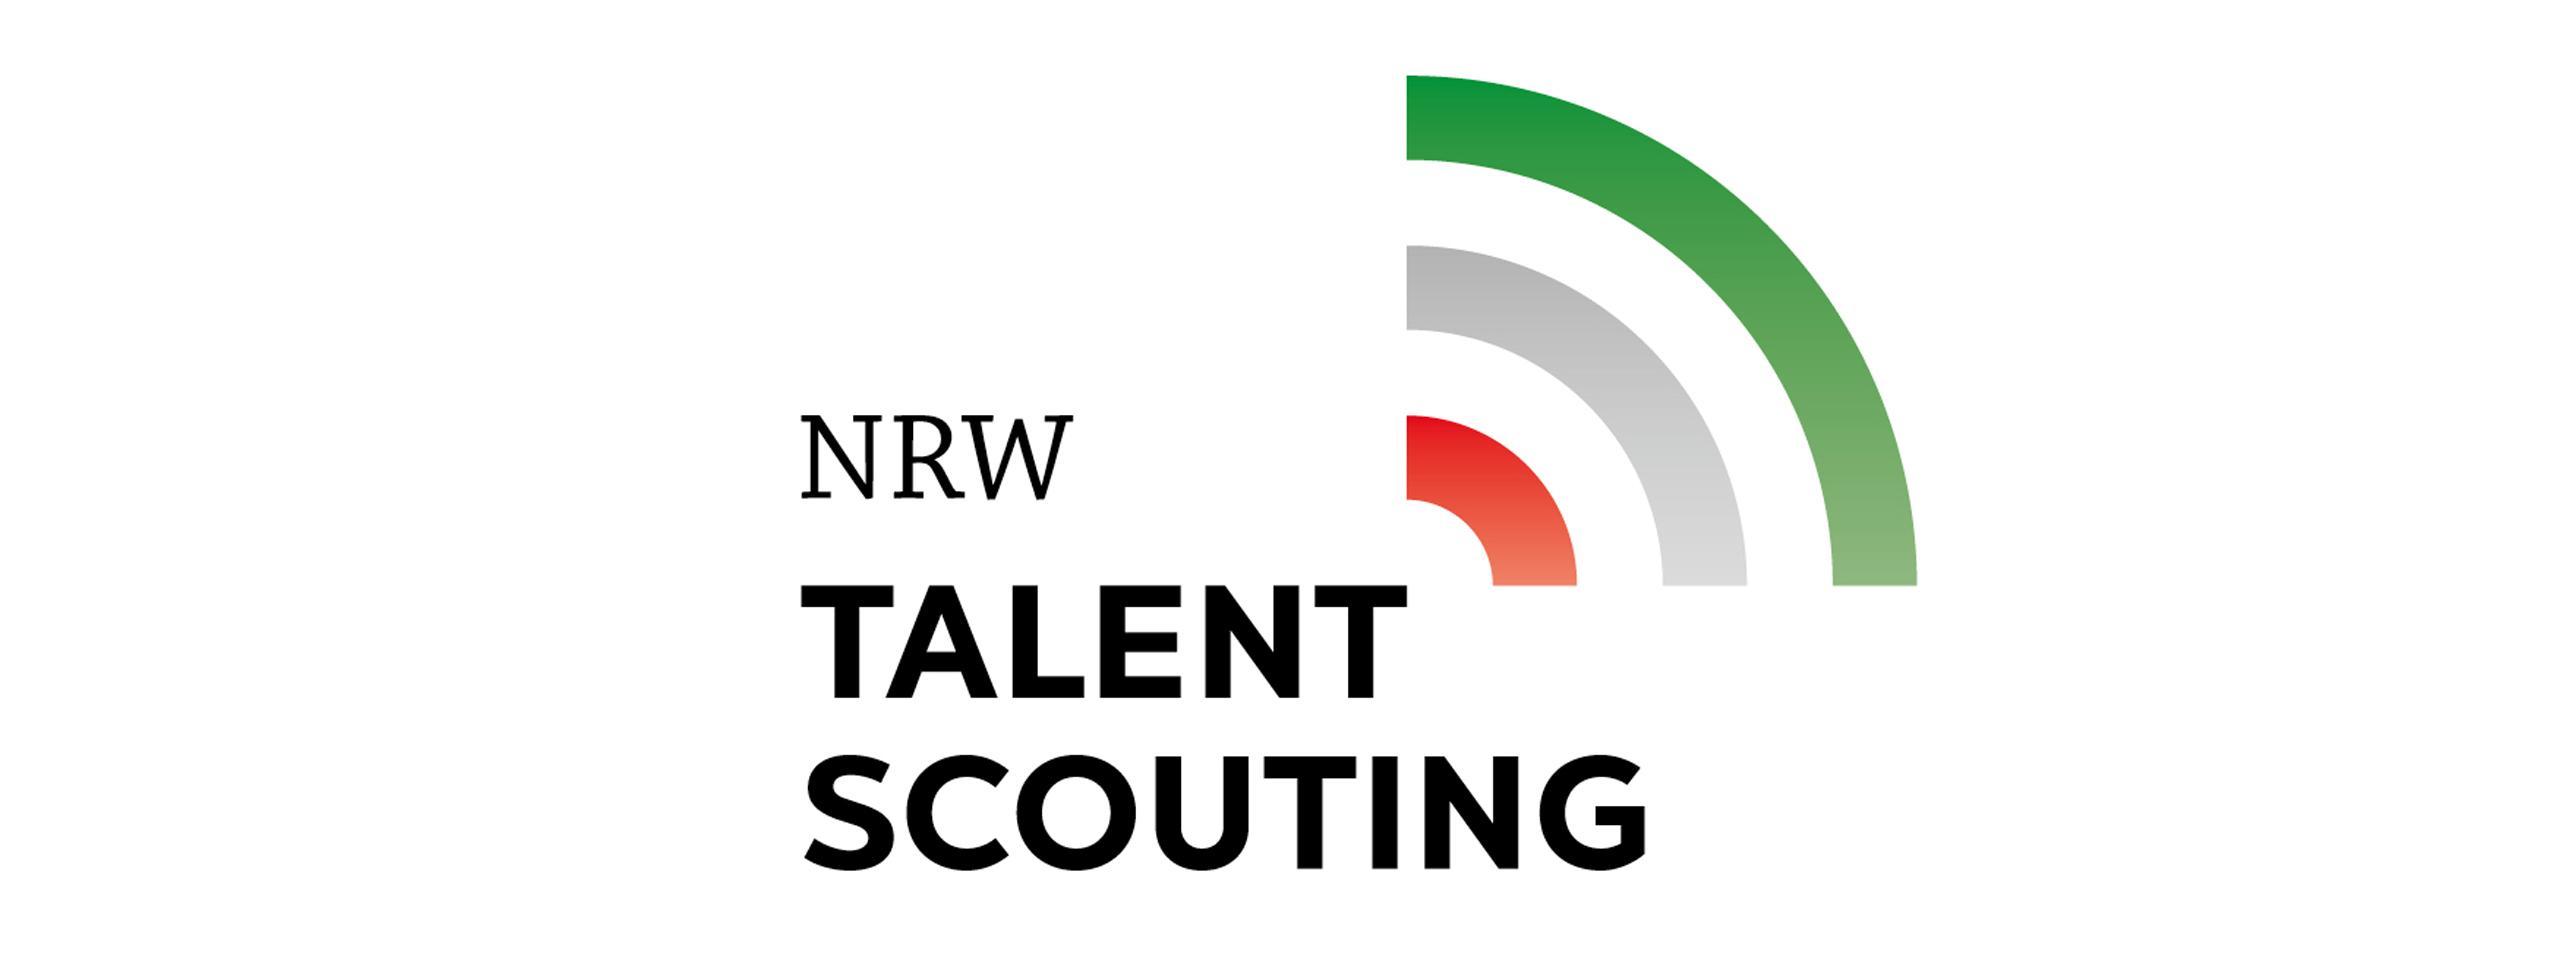 MKW_NRW_Hochschule_Studium_Lehre_Talentscouting_Logo_2560_960